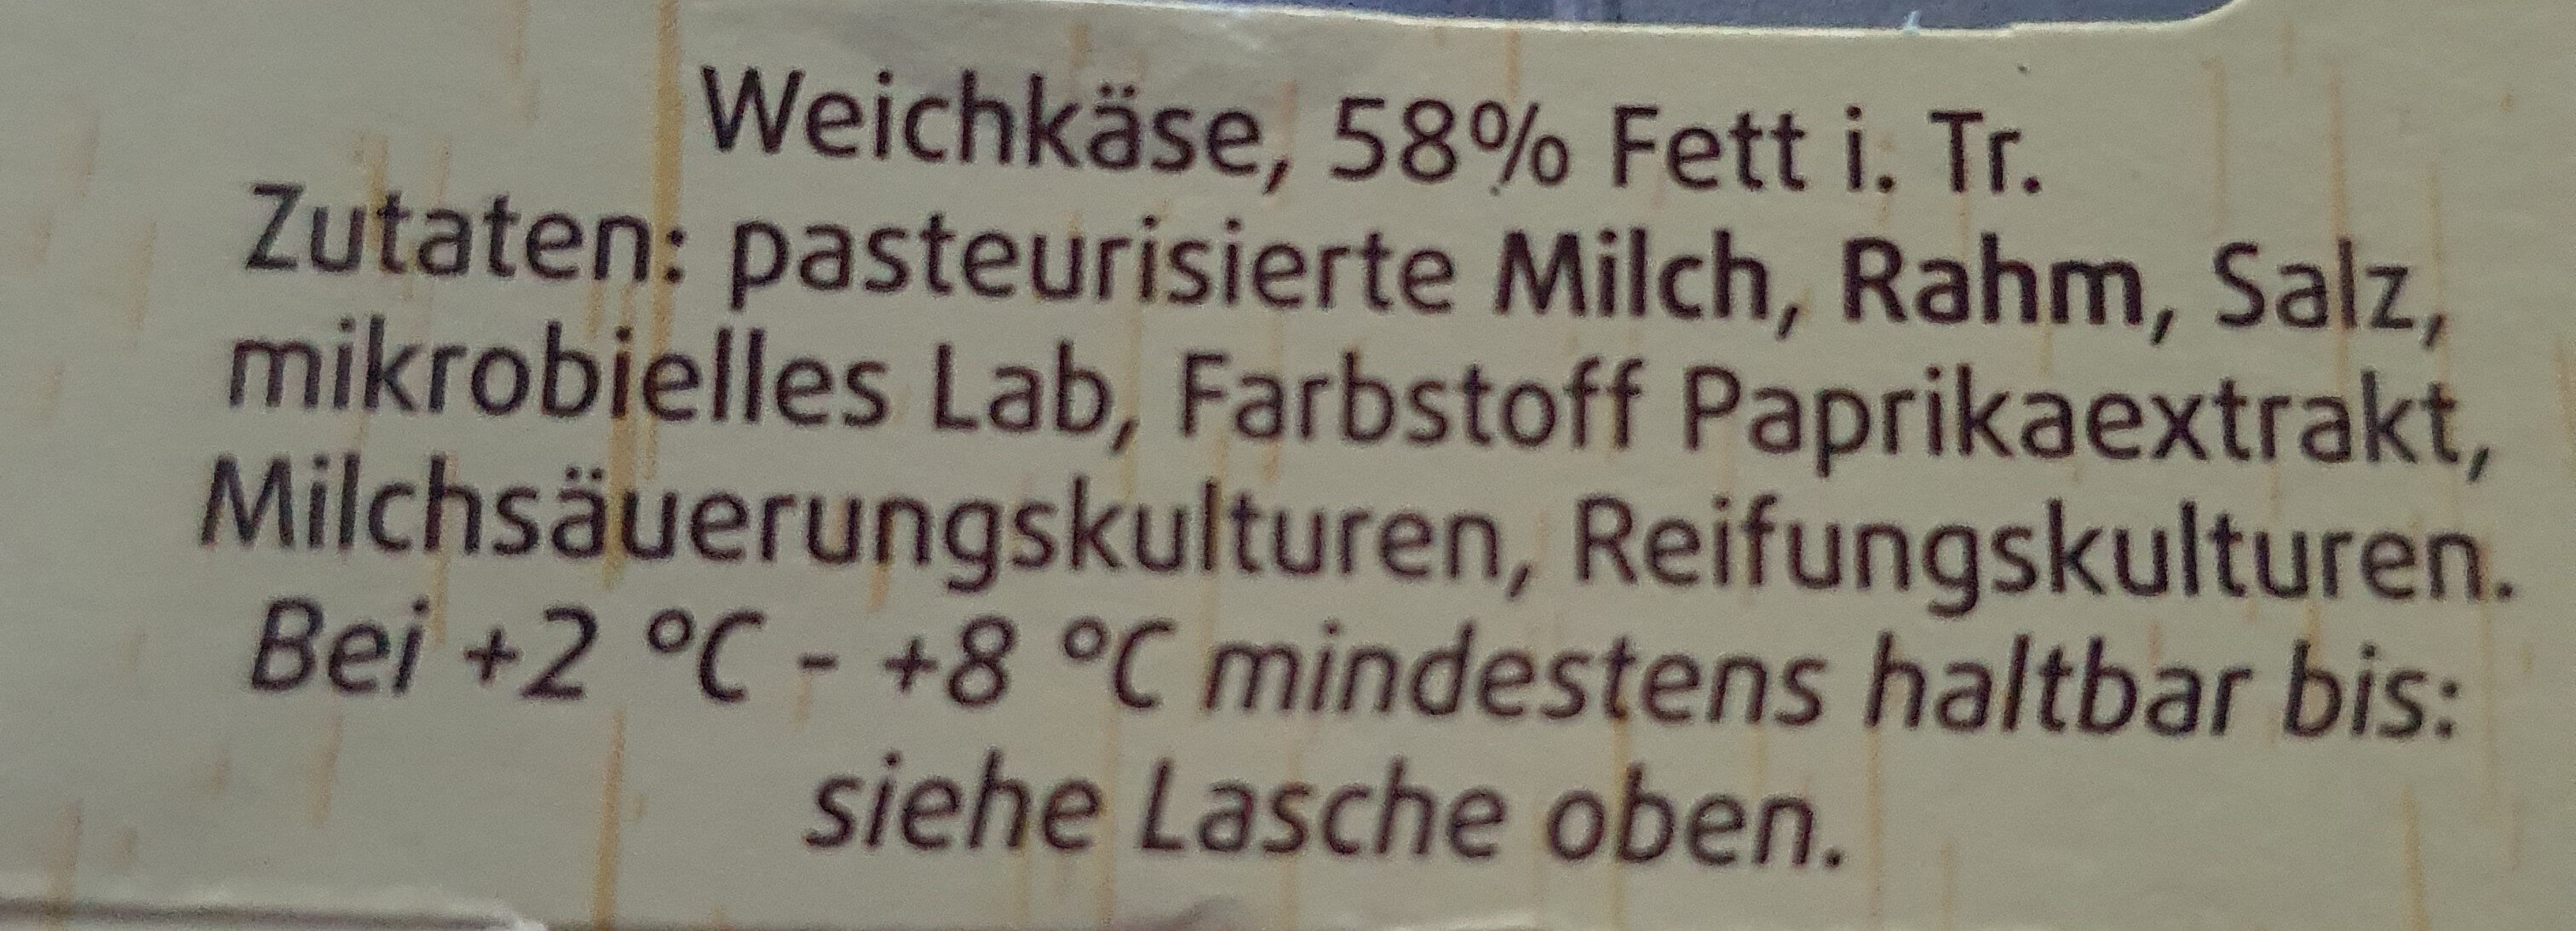 Rougette Ofenkäse - Ingredients - de